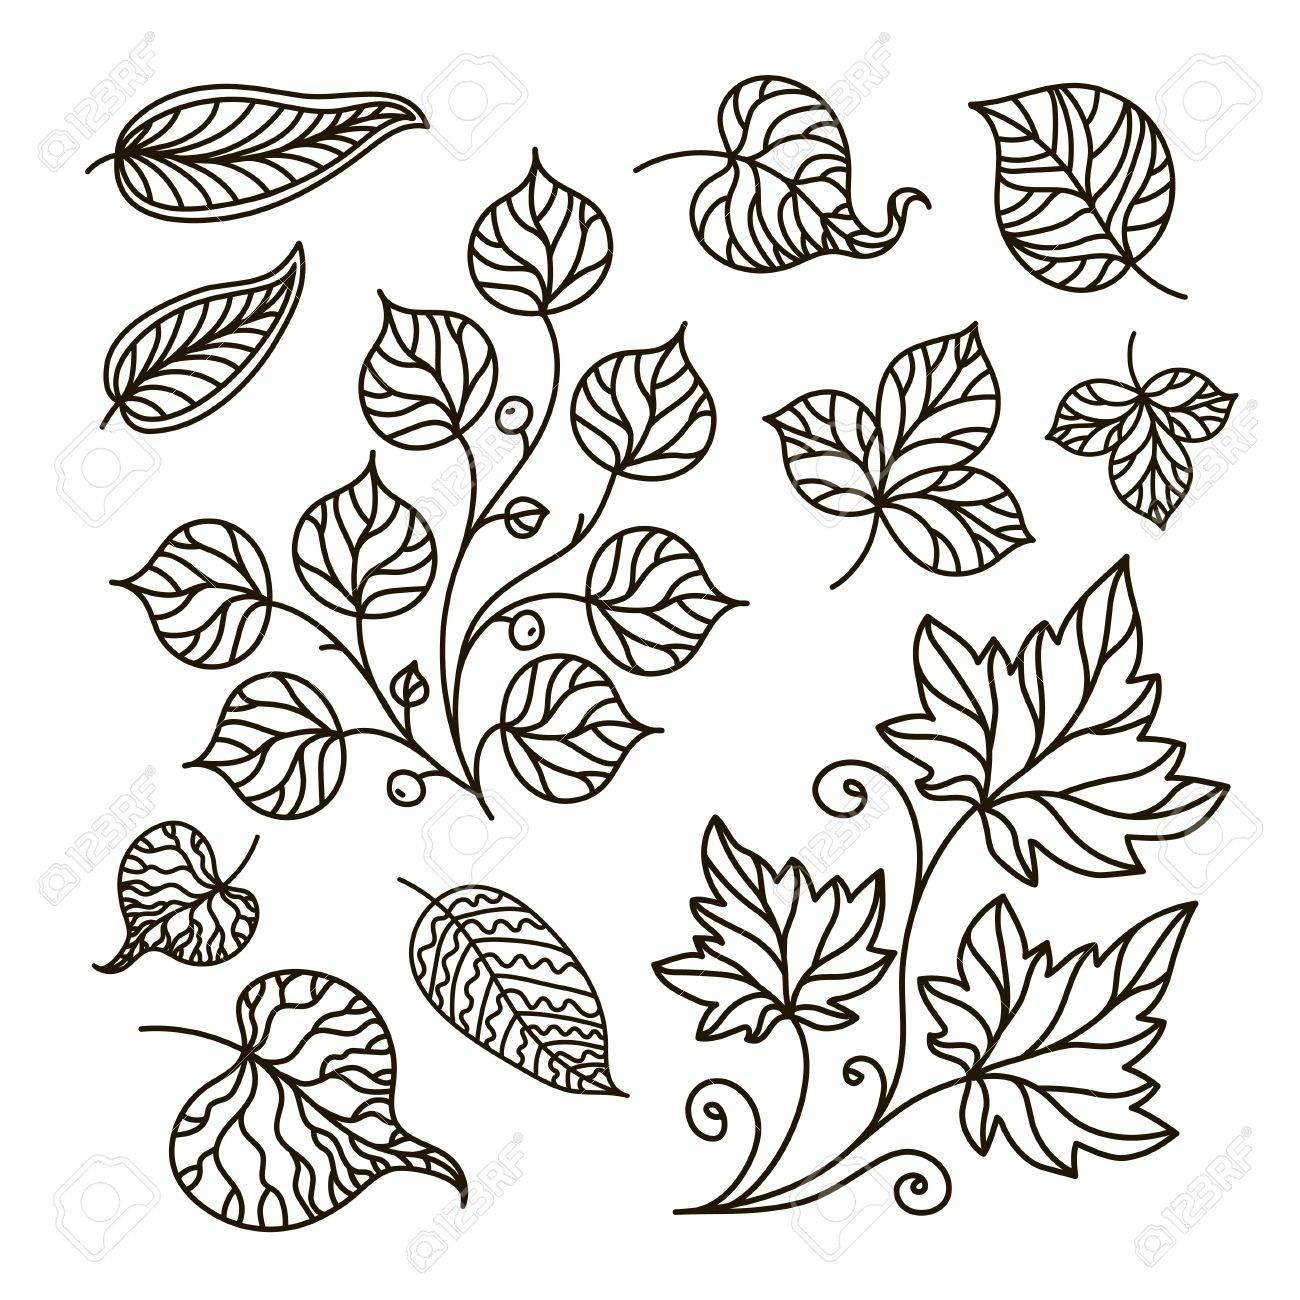 Ilustración De Contorno Libro Para Colorear Rama Conjunto Hojas Verano Bosque Naturaleza árbol Ilustración Blanco Y Negro Abstracción